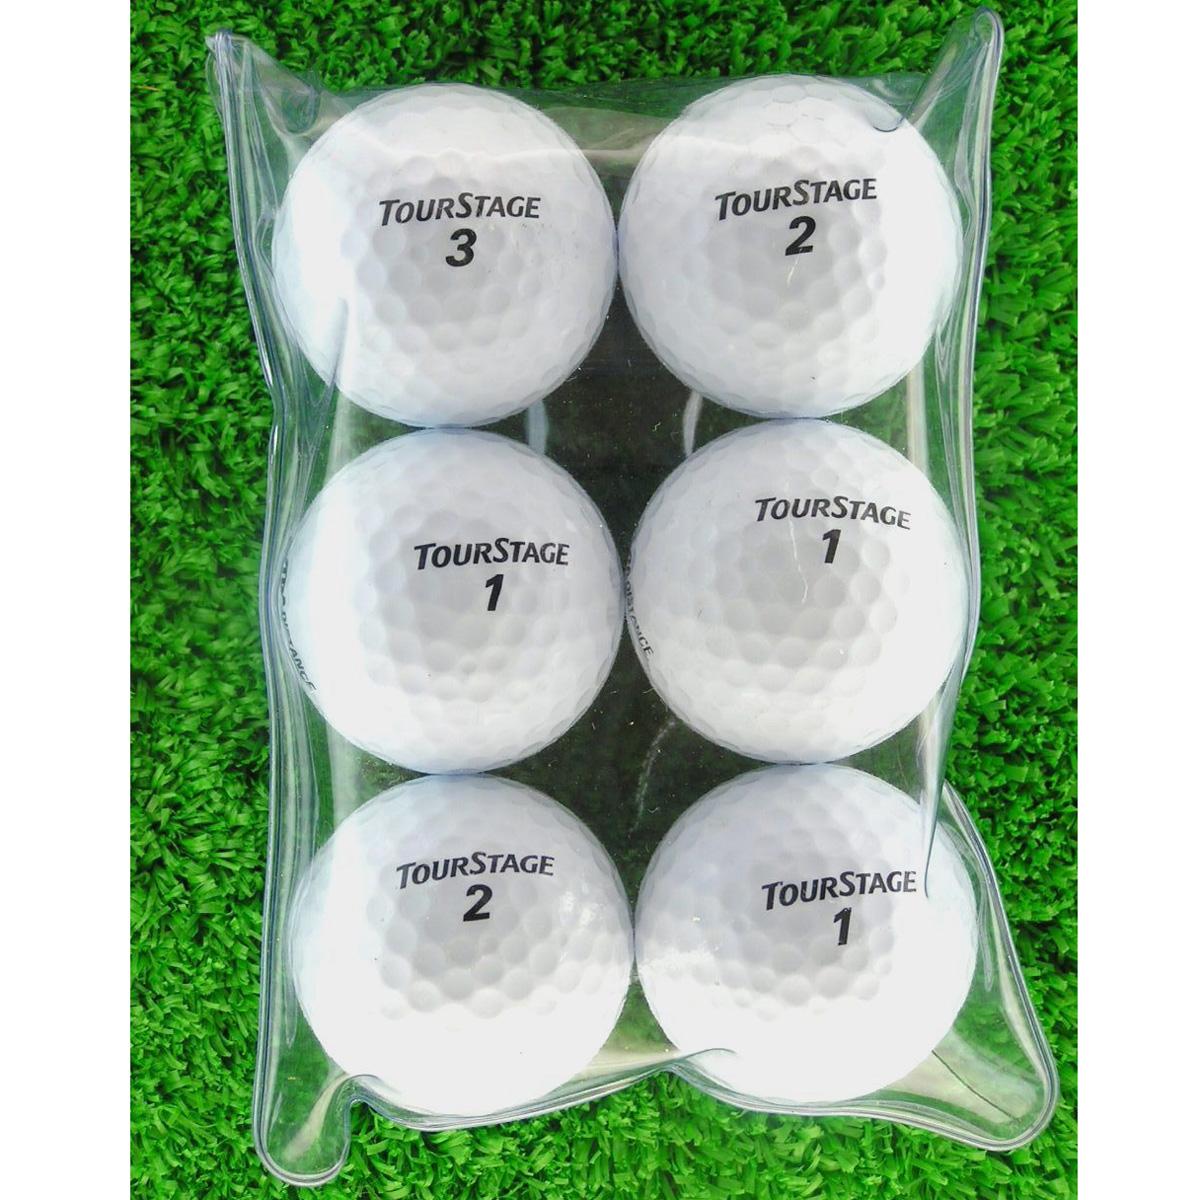 メイホウゴルフ ロストボール ツアーステージ EXTRA DISTANCE 6個入り4パック24個セット